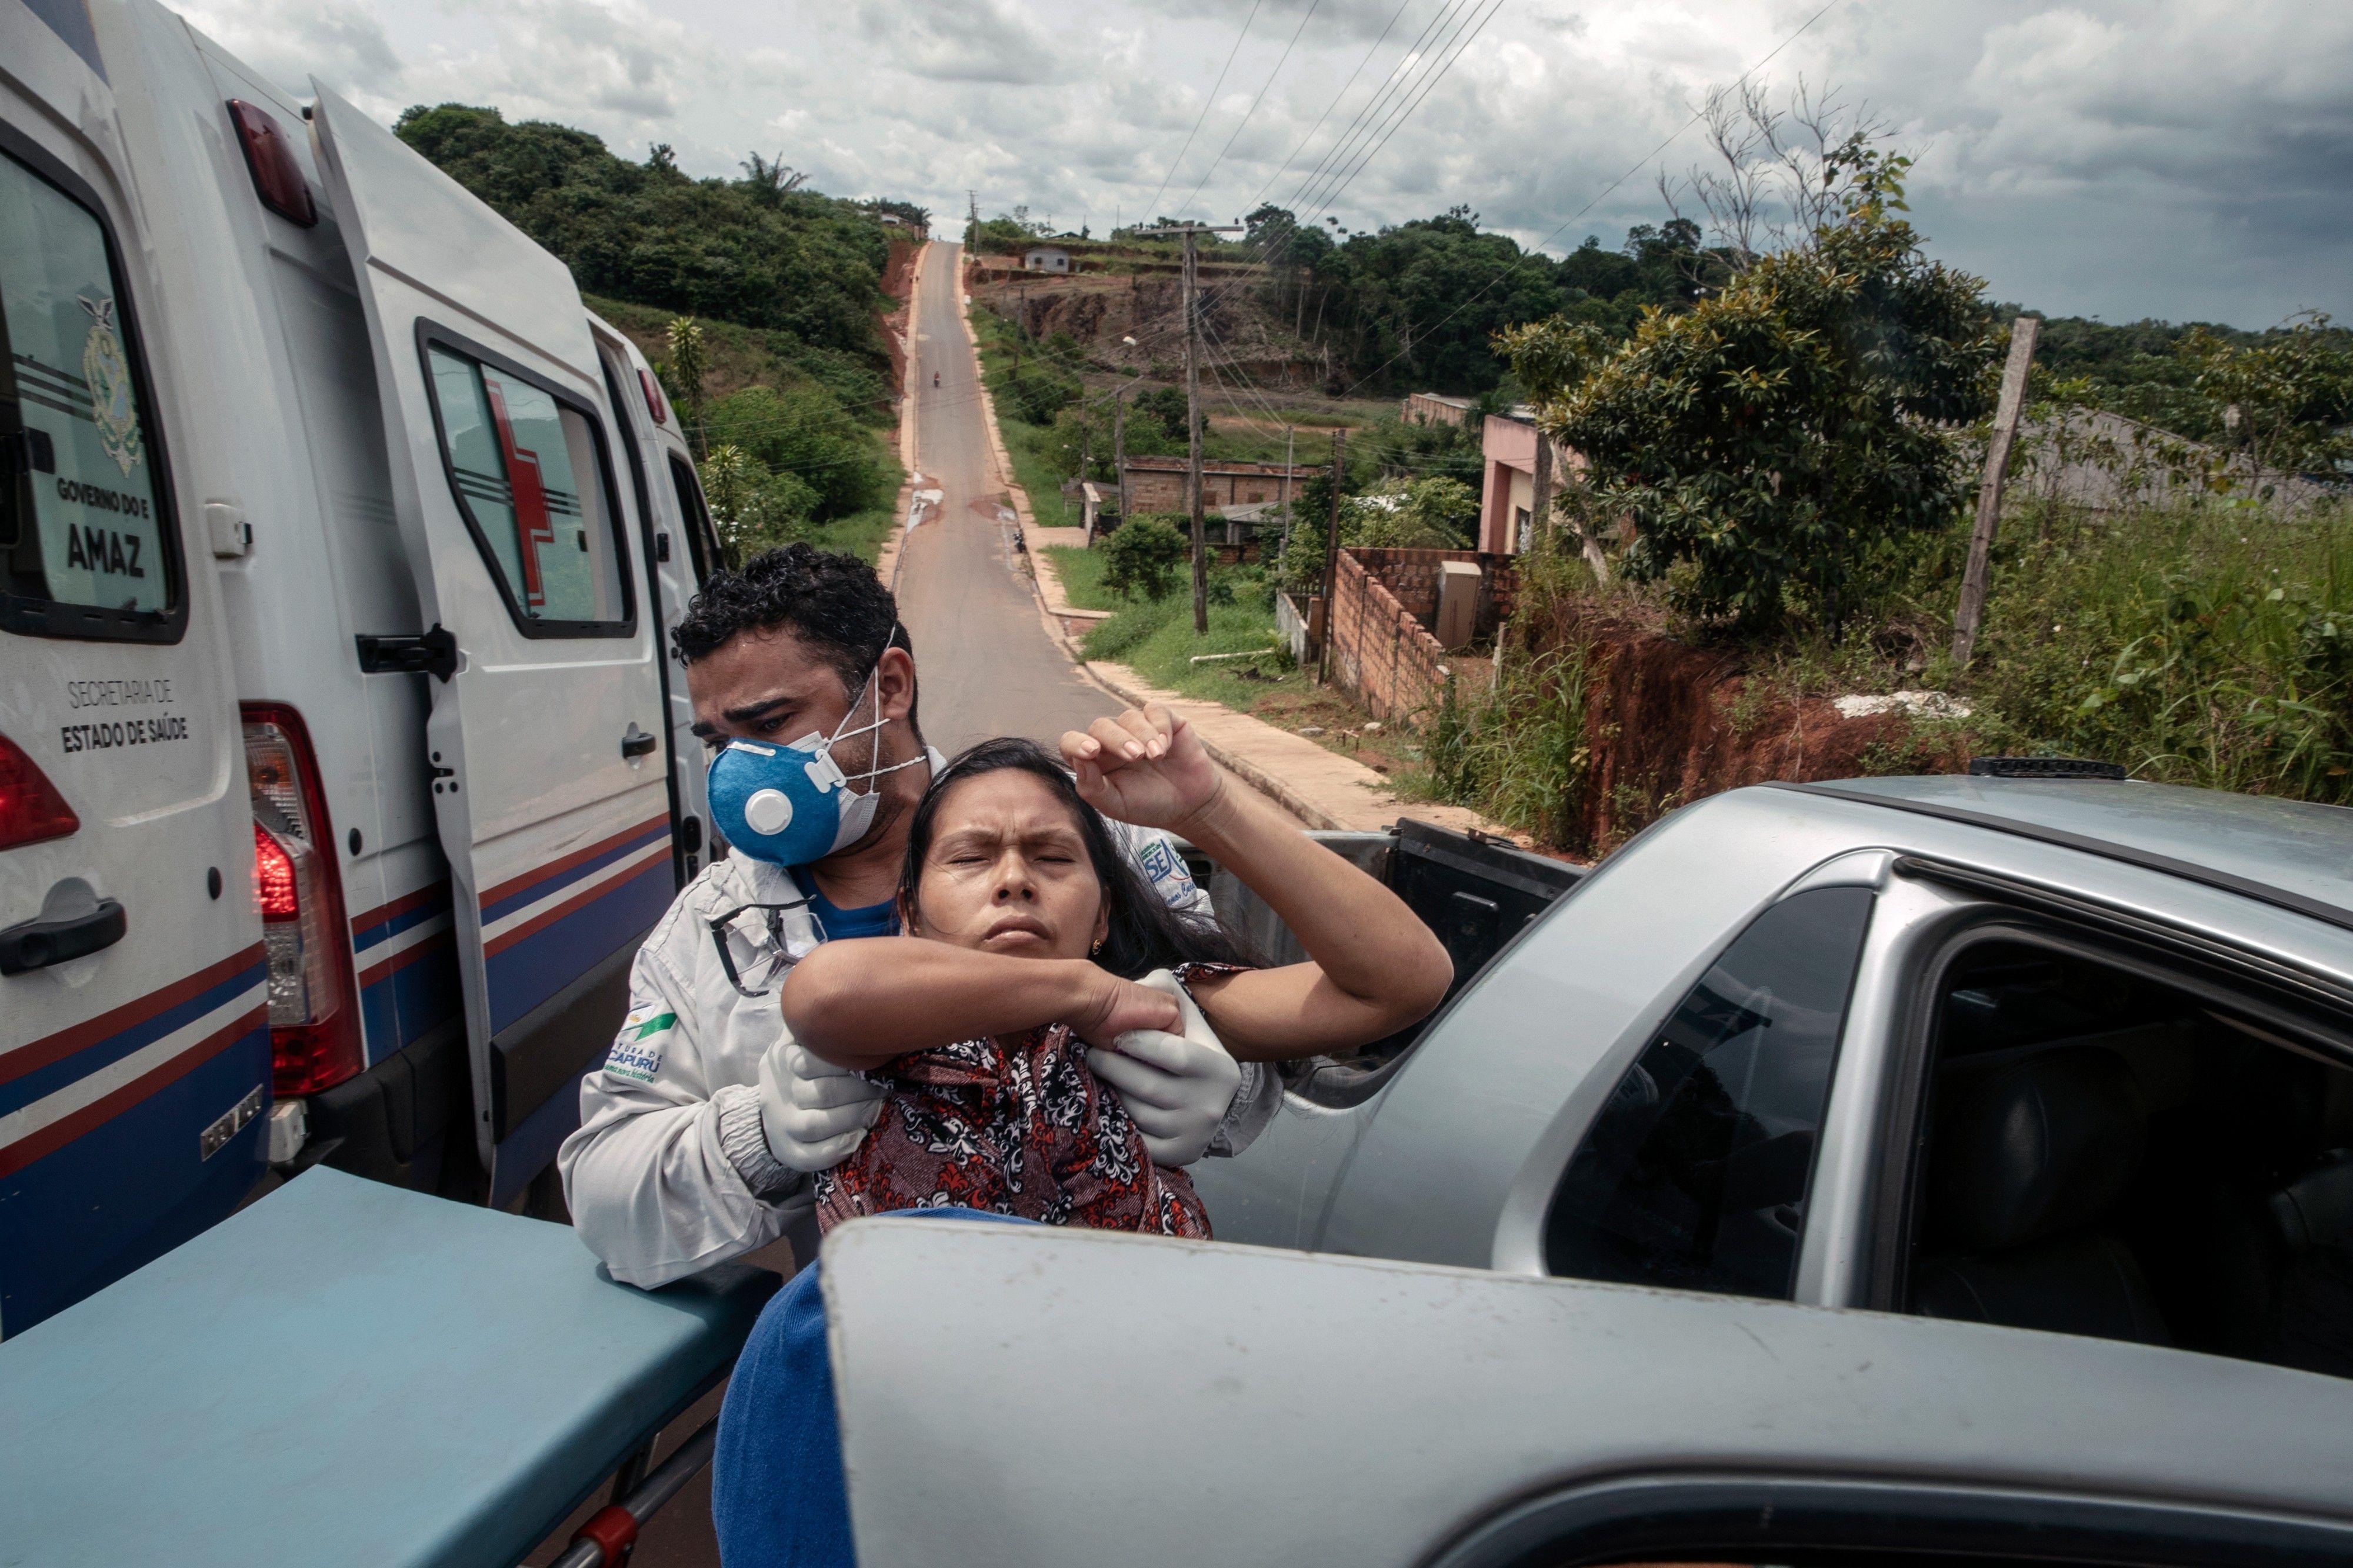 Relatório sobre a epidemia de Covid-19 na região amazônica.